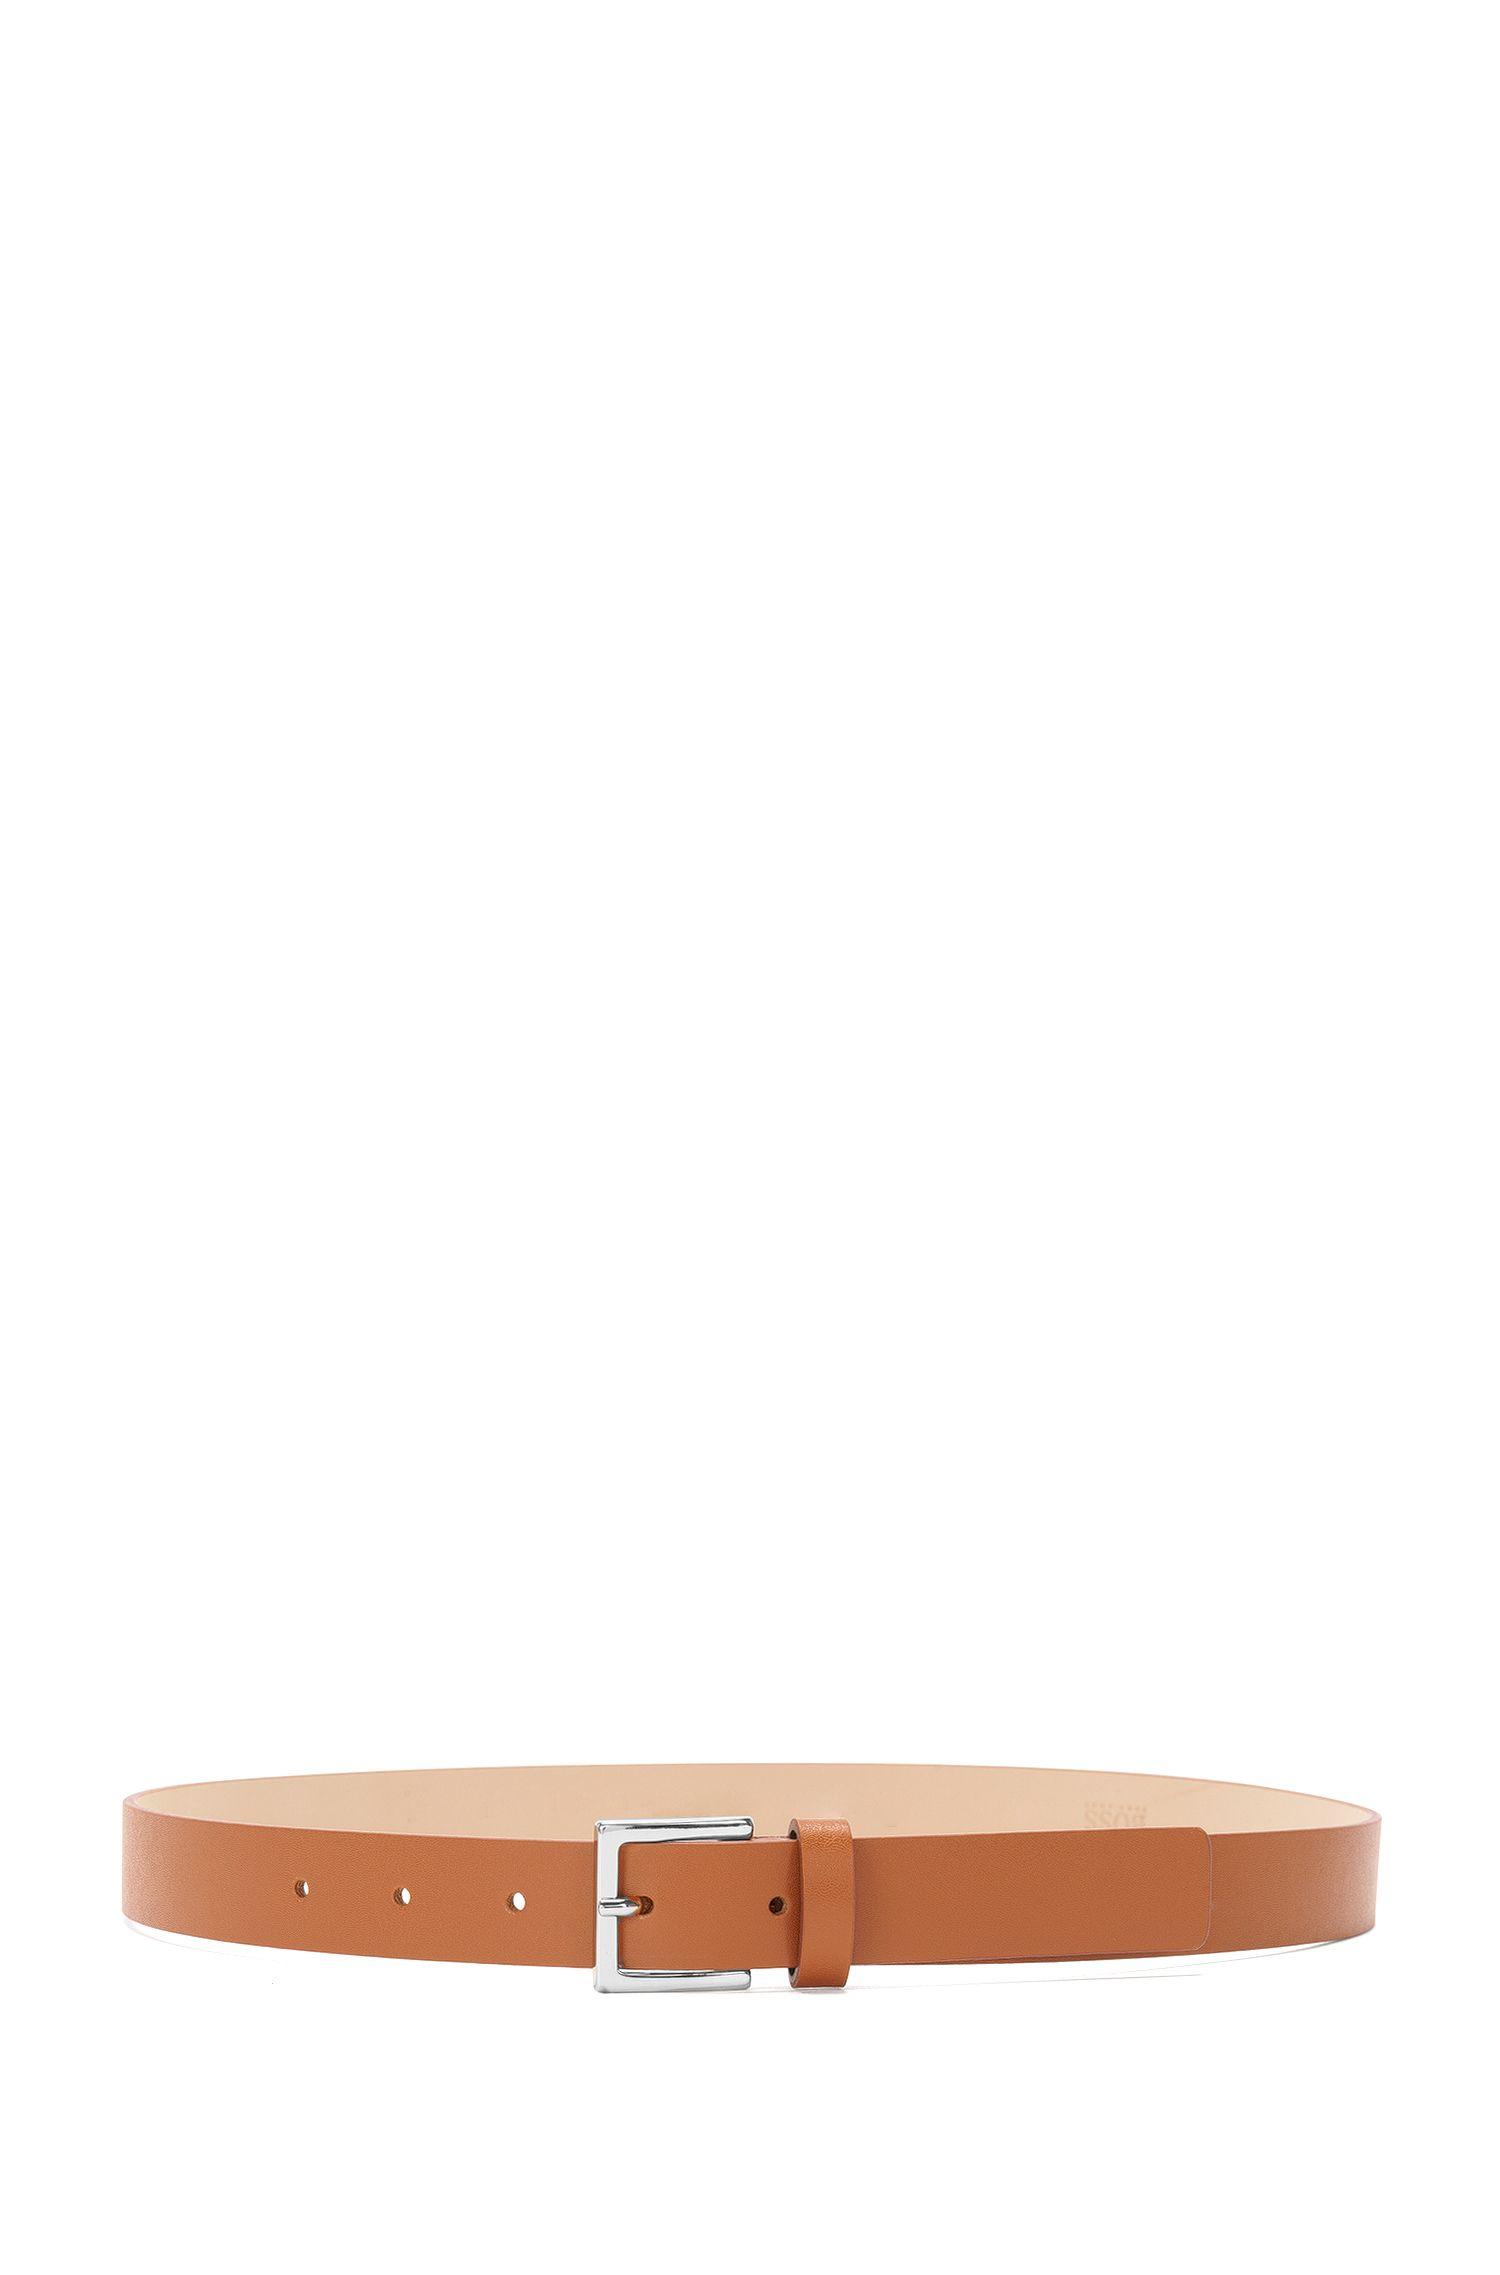 Leather Skinny Belt | Brede